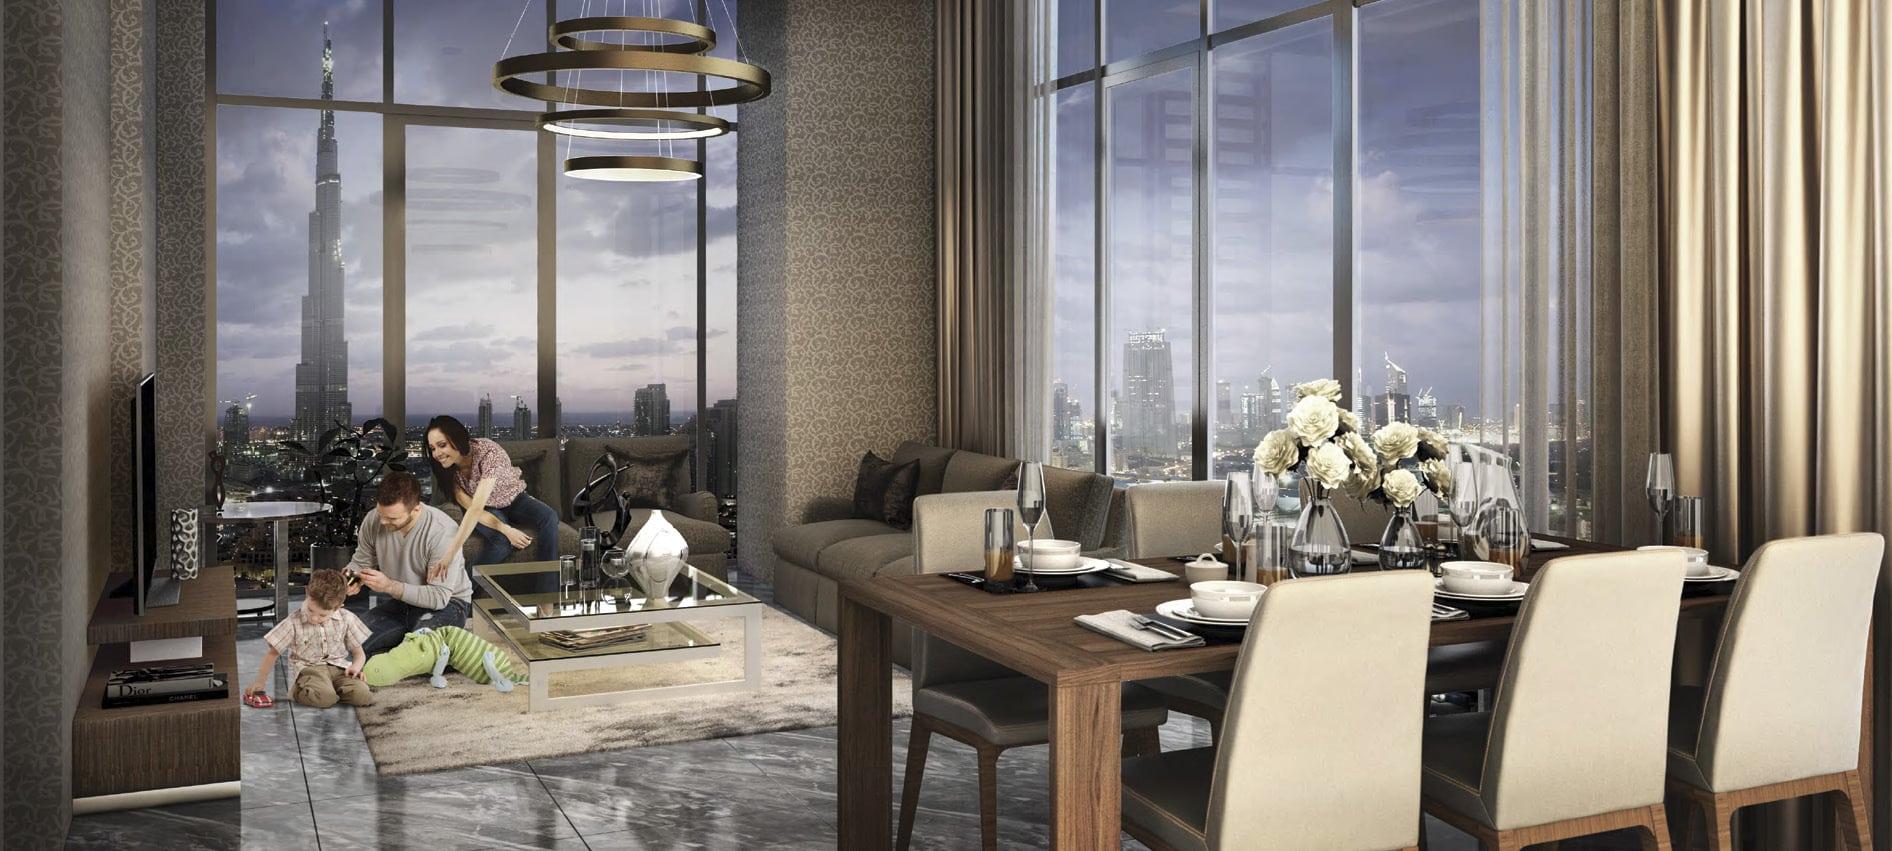 Creek Views by Azizi in Dubai Healthcare City. Premium apartments for Sale in Dubai 3